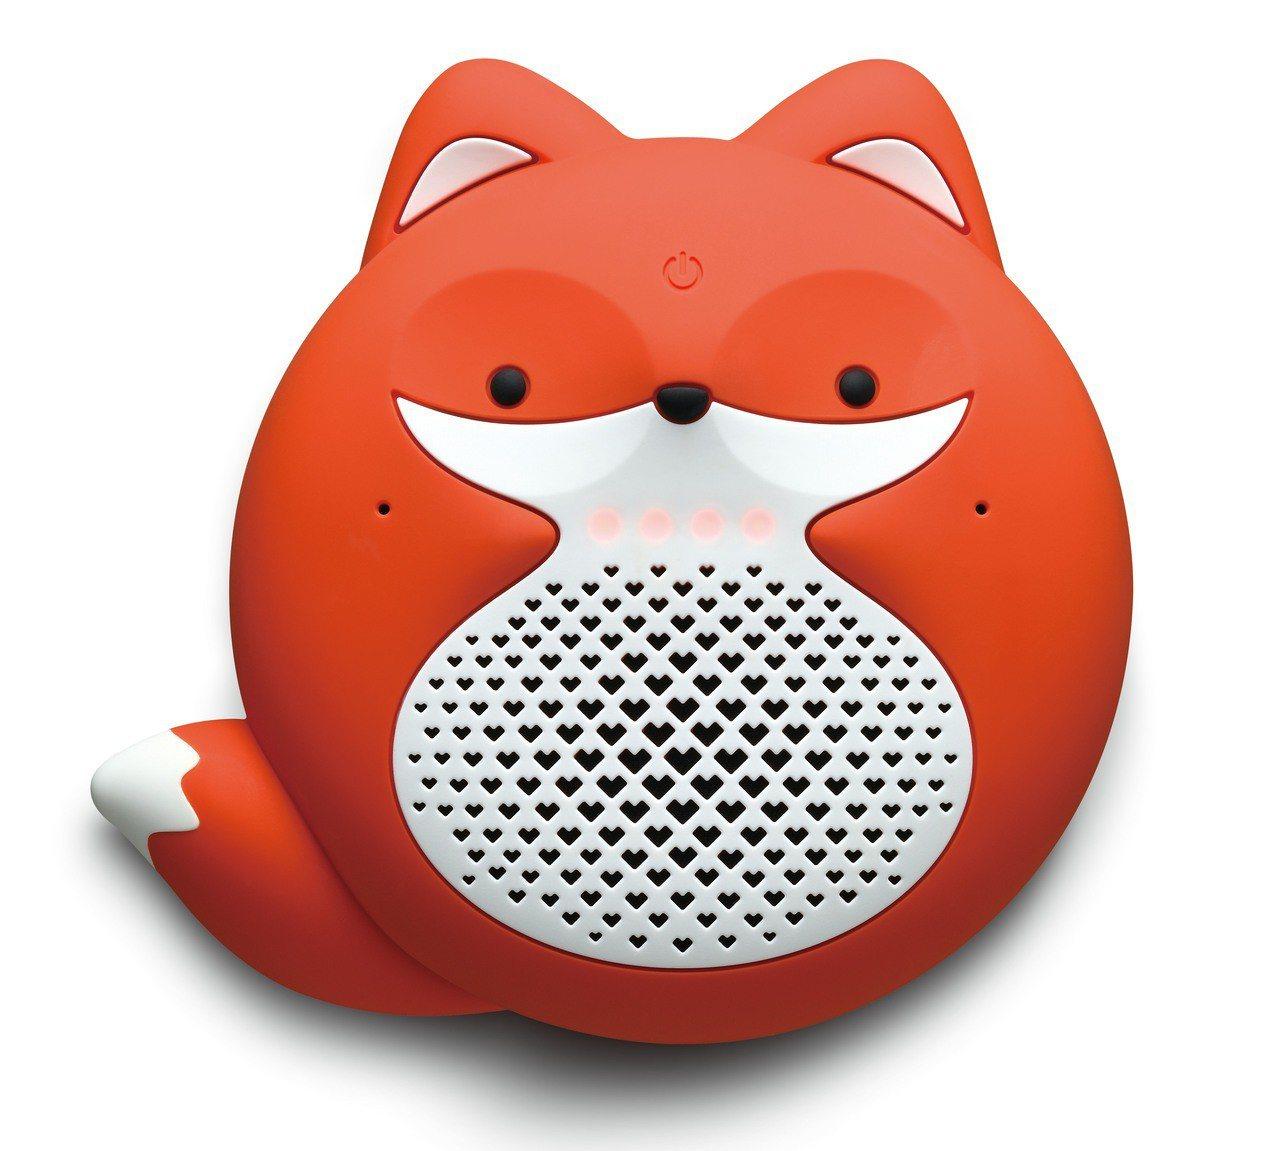 即日起至5月底止,於遠傳直營門市申辦愛講智慧音箱,搭配指定方案0元起帶回家。圖/...